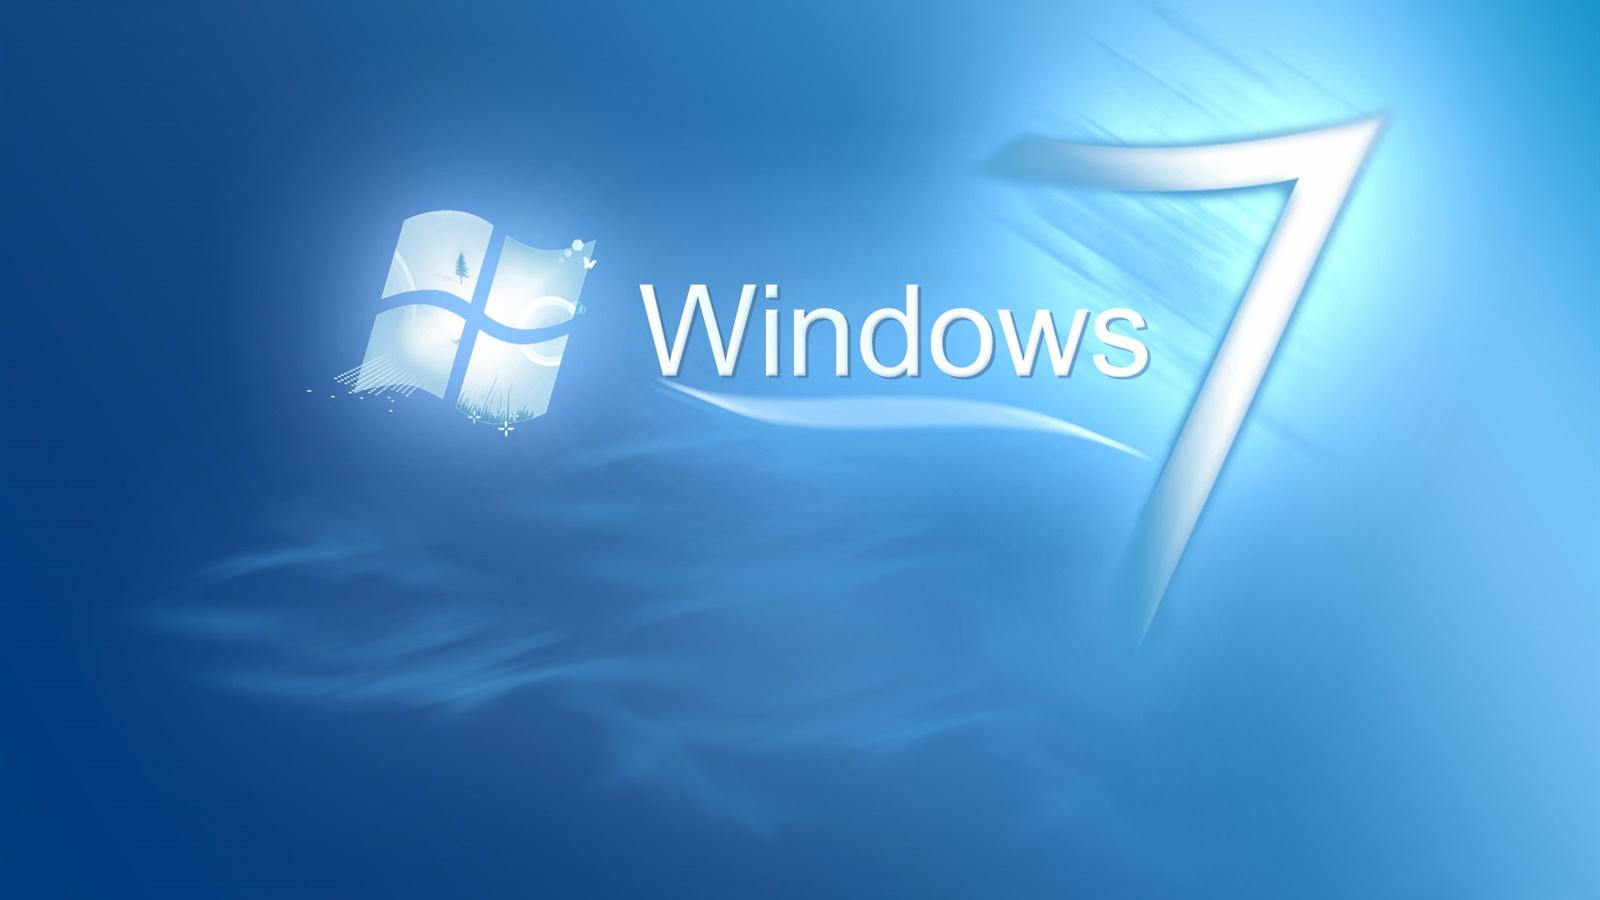 青い水の中のwindows7 デスクトップの壁紙 1600x900 壁紙をダウンロード Ja Hdwall365 Com